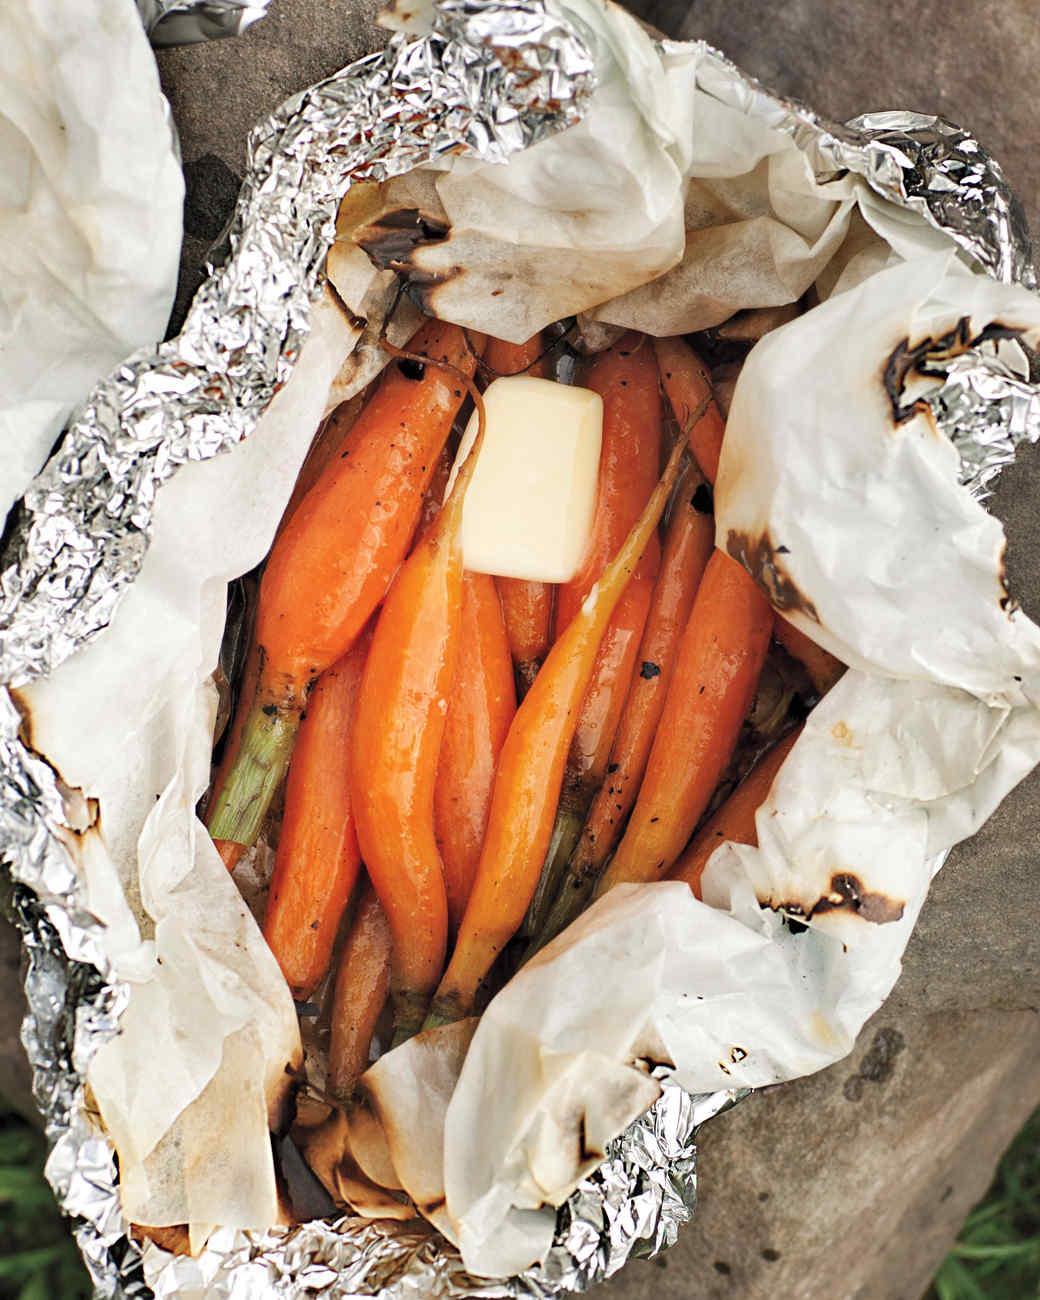 Baby Carrot Hobo Pack